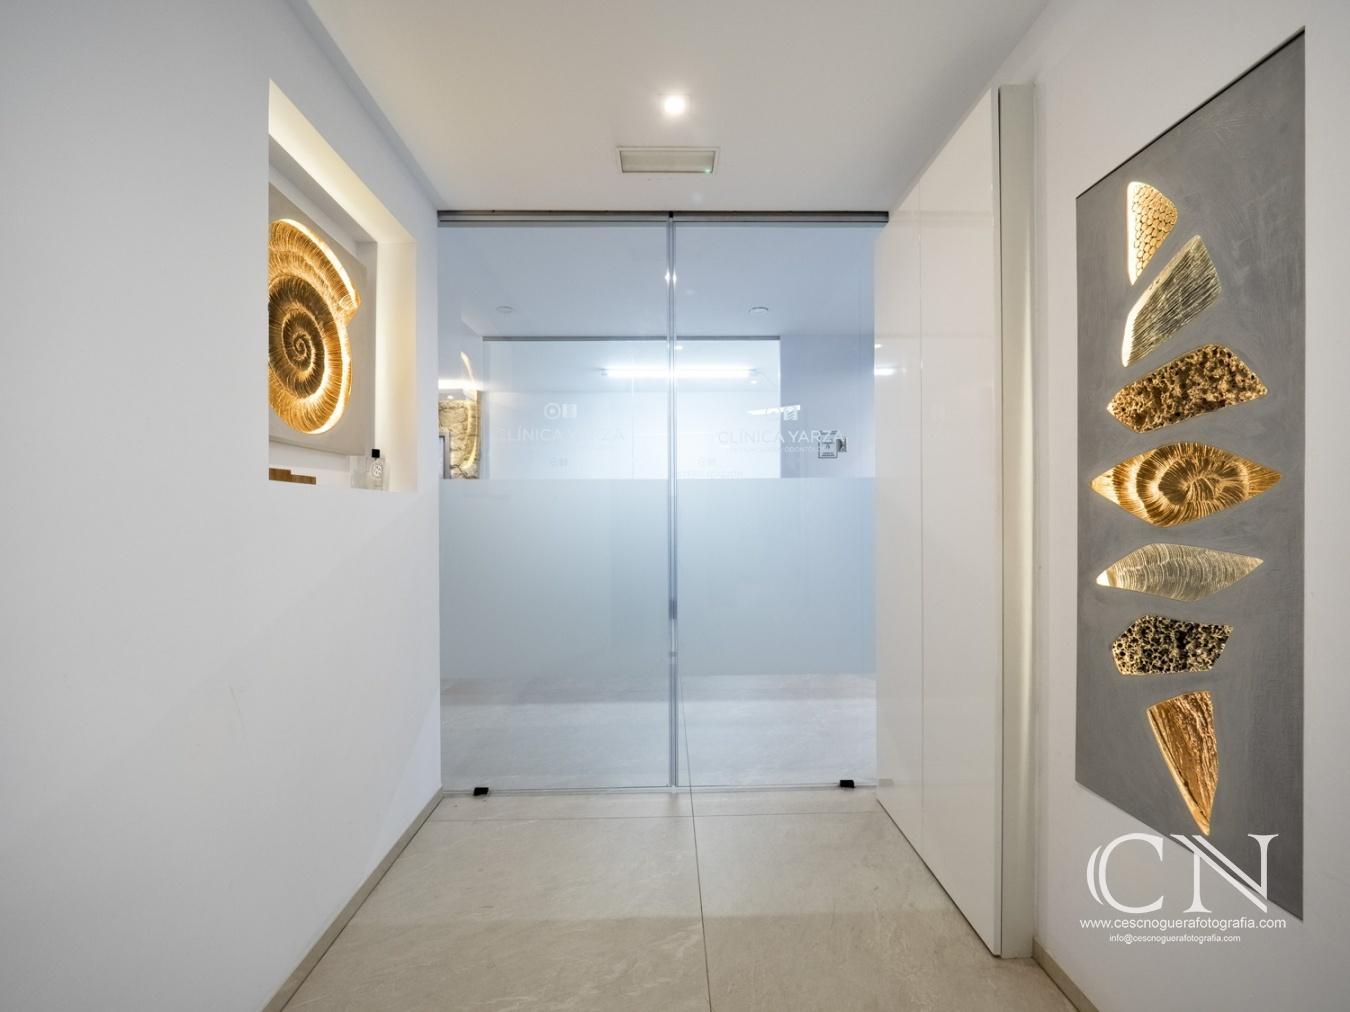 Clinica Yarza - Cesc Noguera Fotografia, Quan la fotografia és una passió.,  Architectural & Interior design photographer / Landscape Photography.